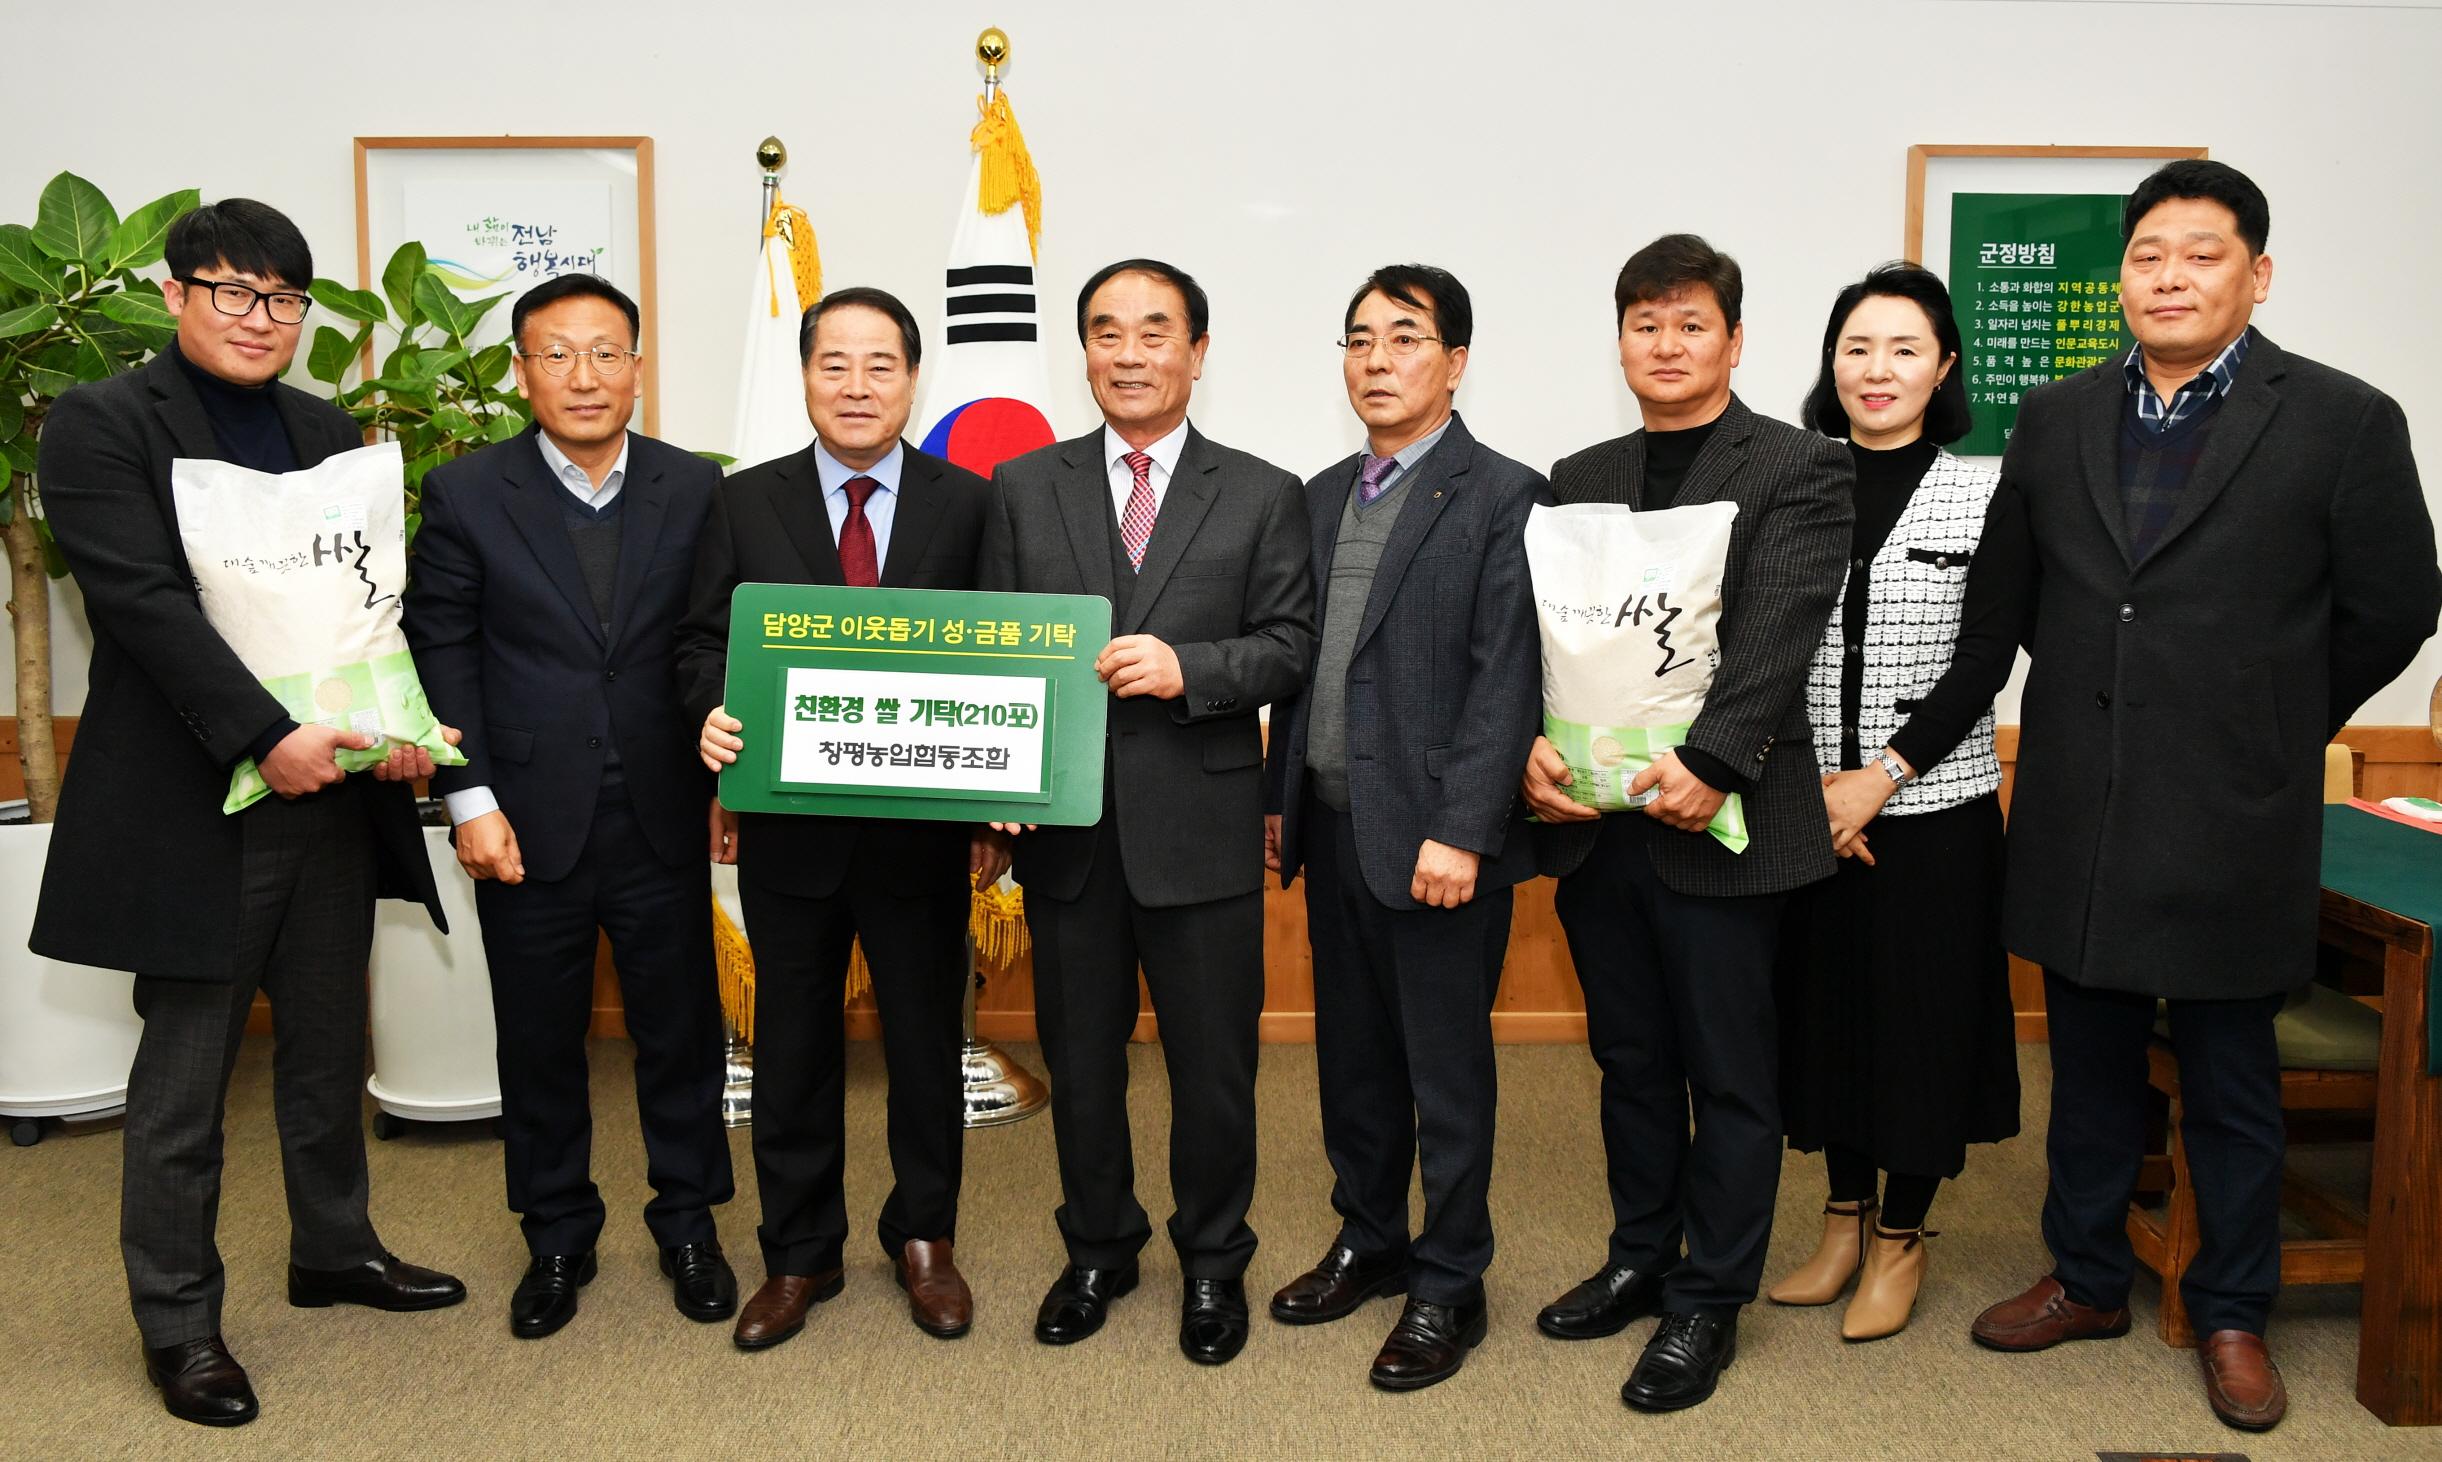 창평농업협동조합, 담양군에 친환경 쌀 기탁